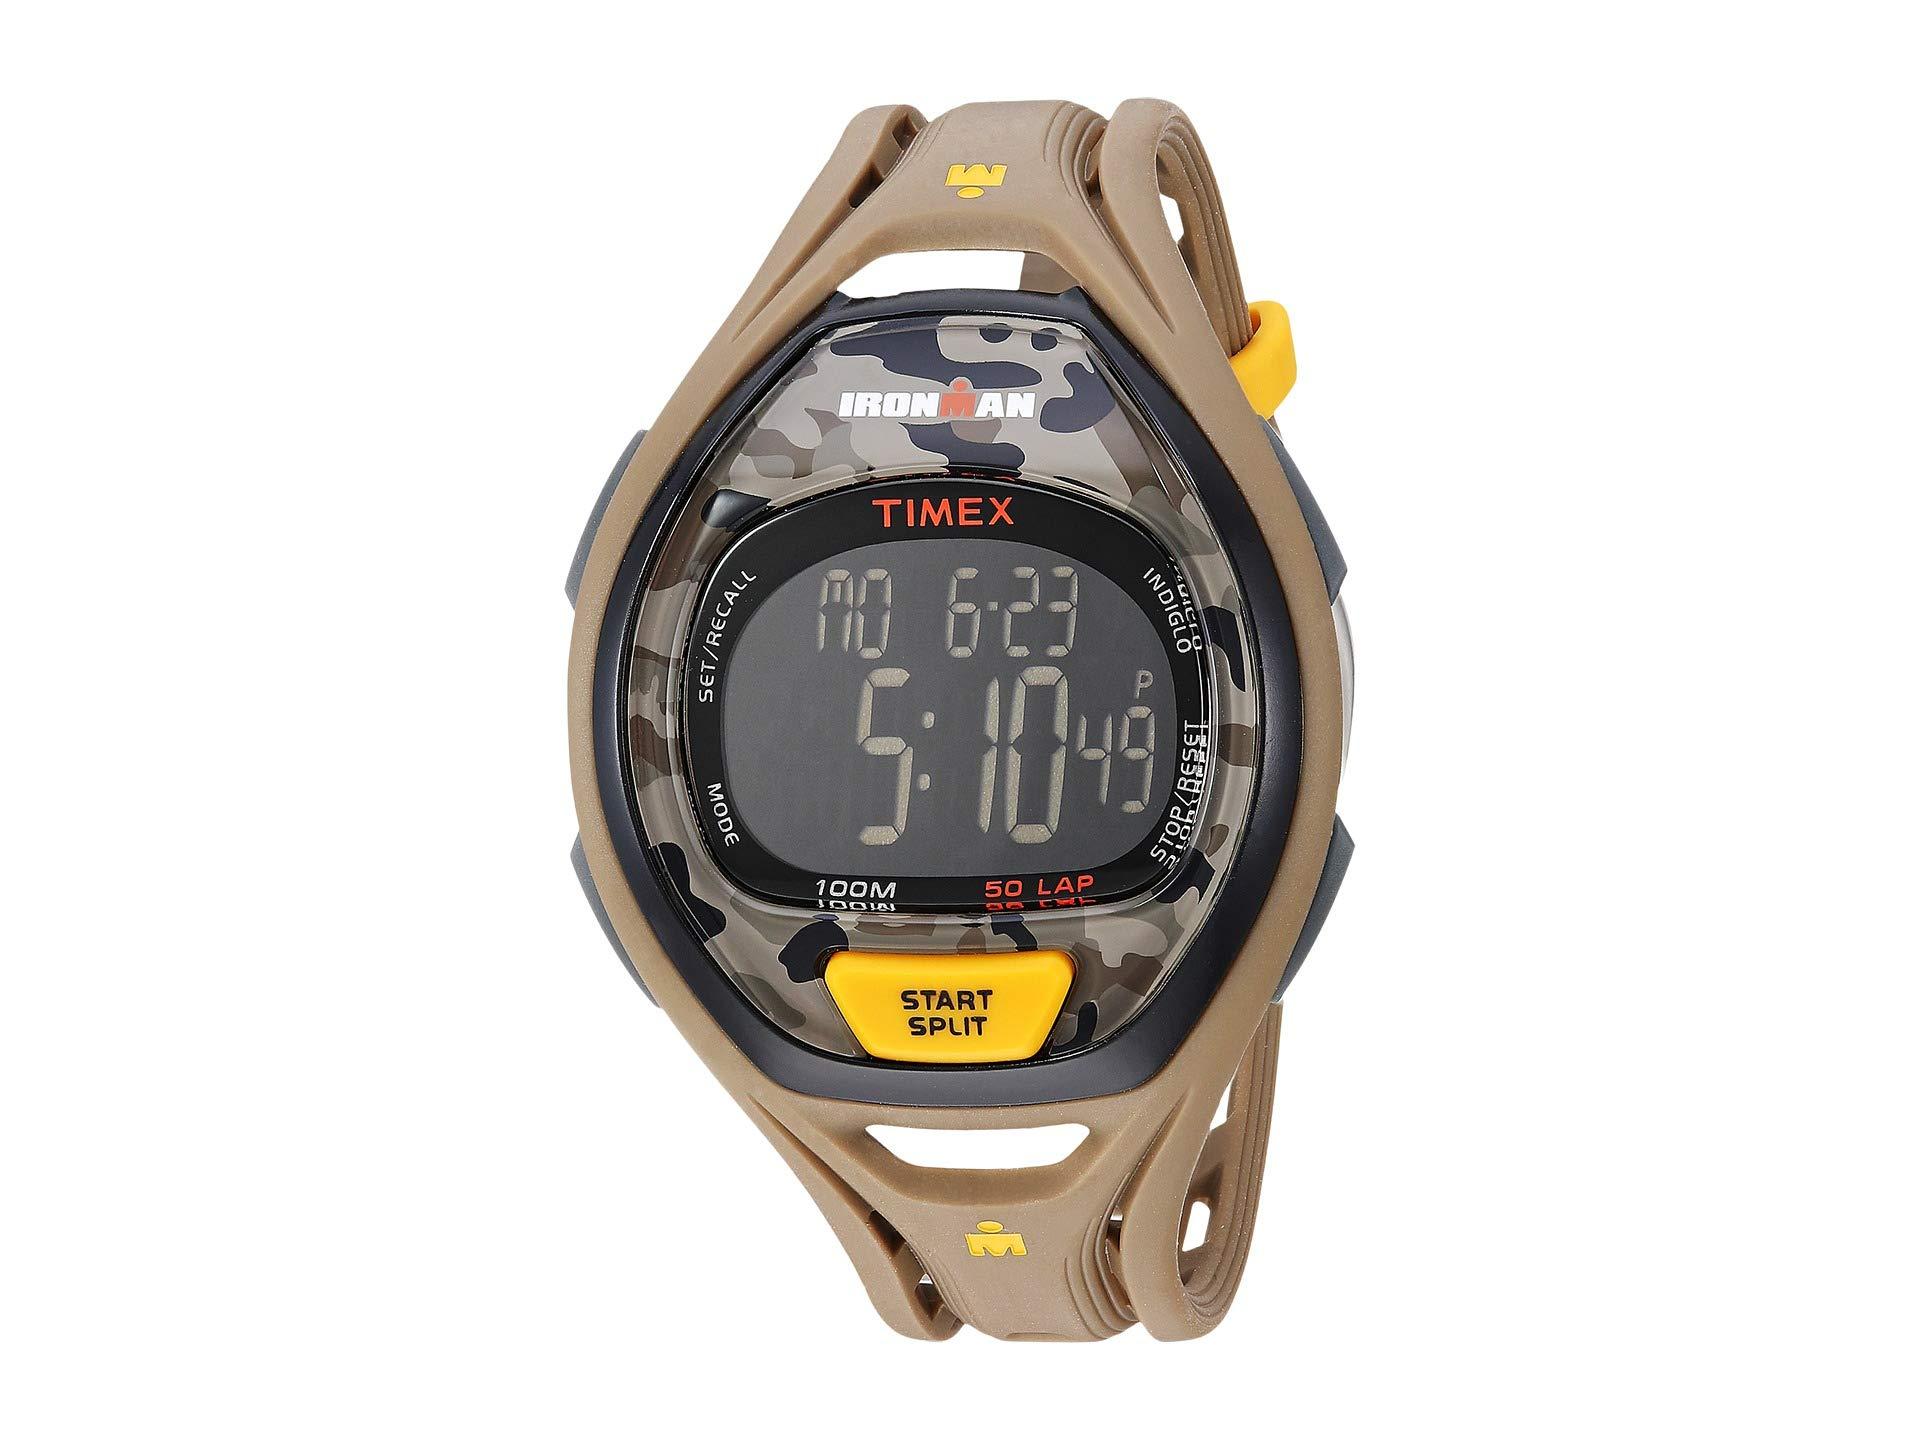 Reloj para Hombre Timex Ironman Sleek 50 Lap  + Timex en VeoyCompro.net